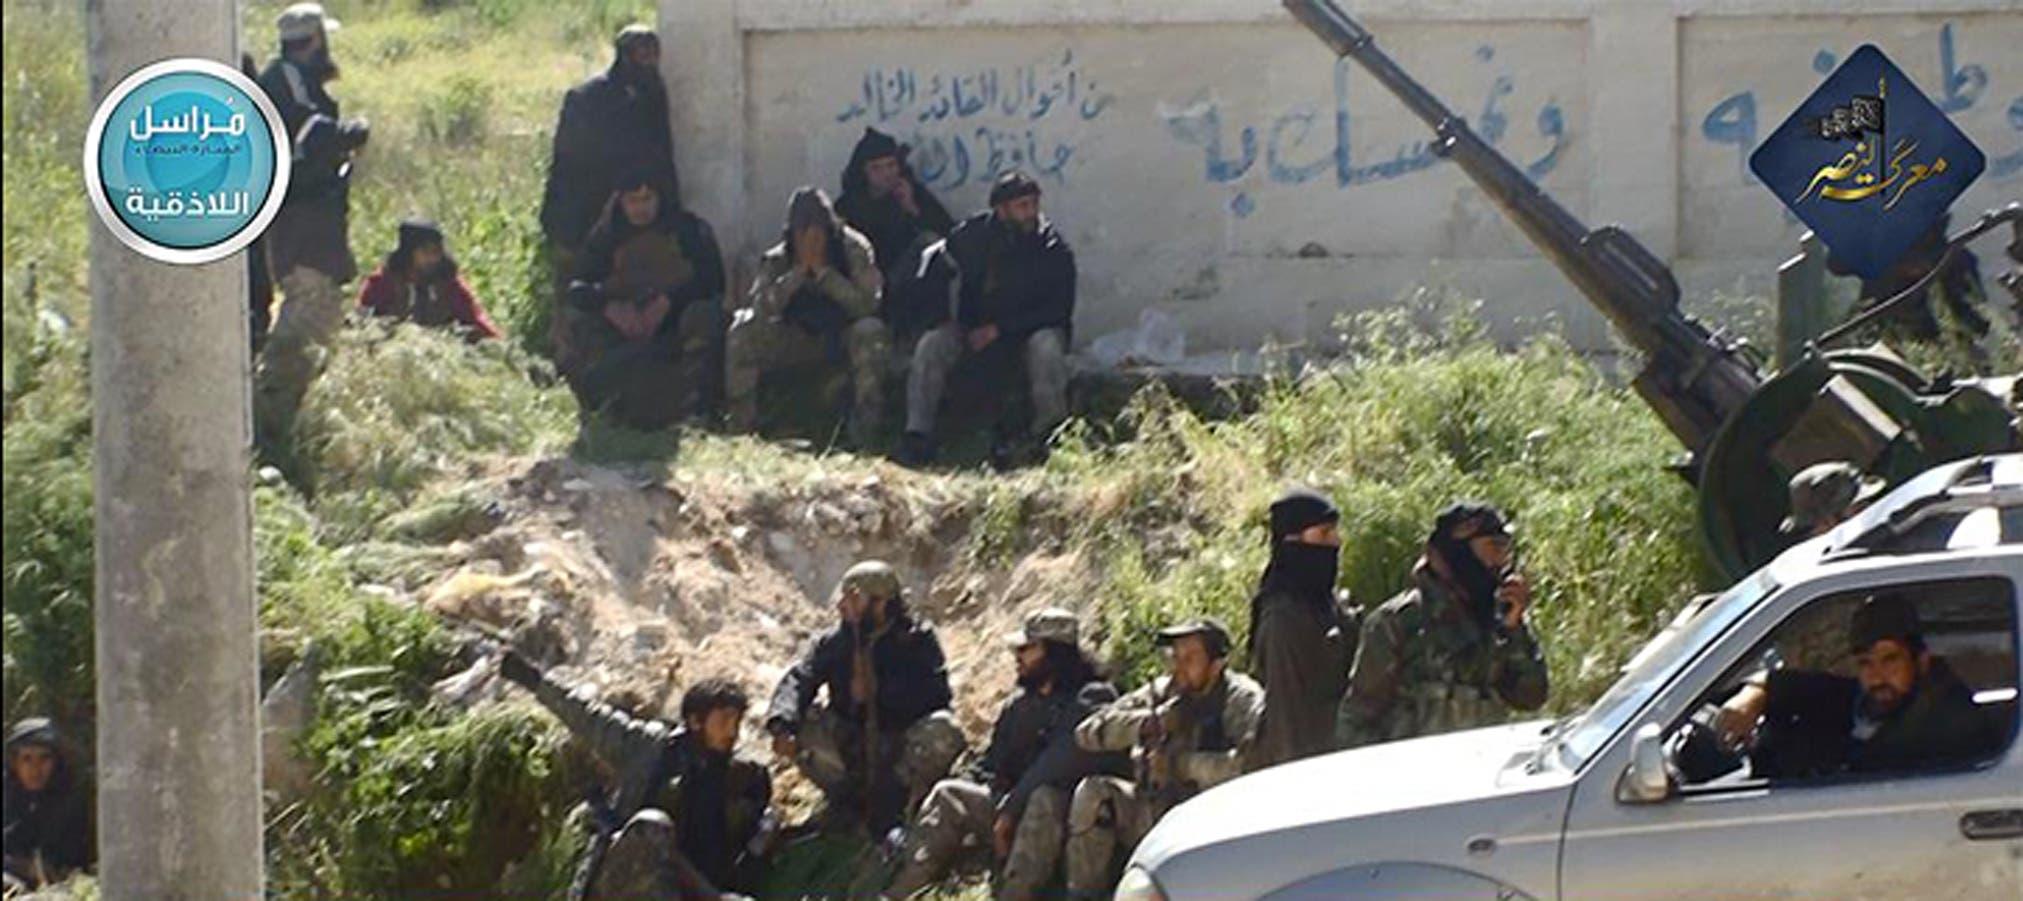 مقاتلون من جبهة النصرة في إدلب في 2015 (أرشيفية)